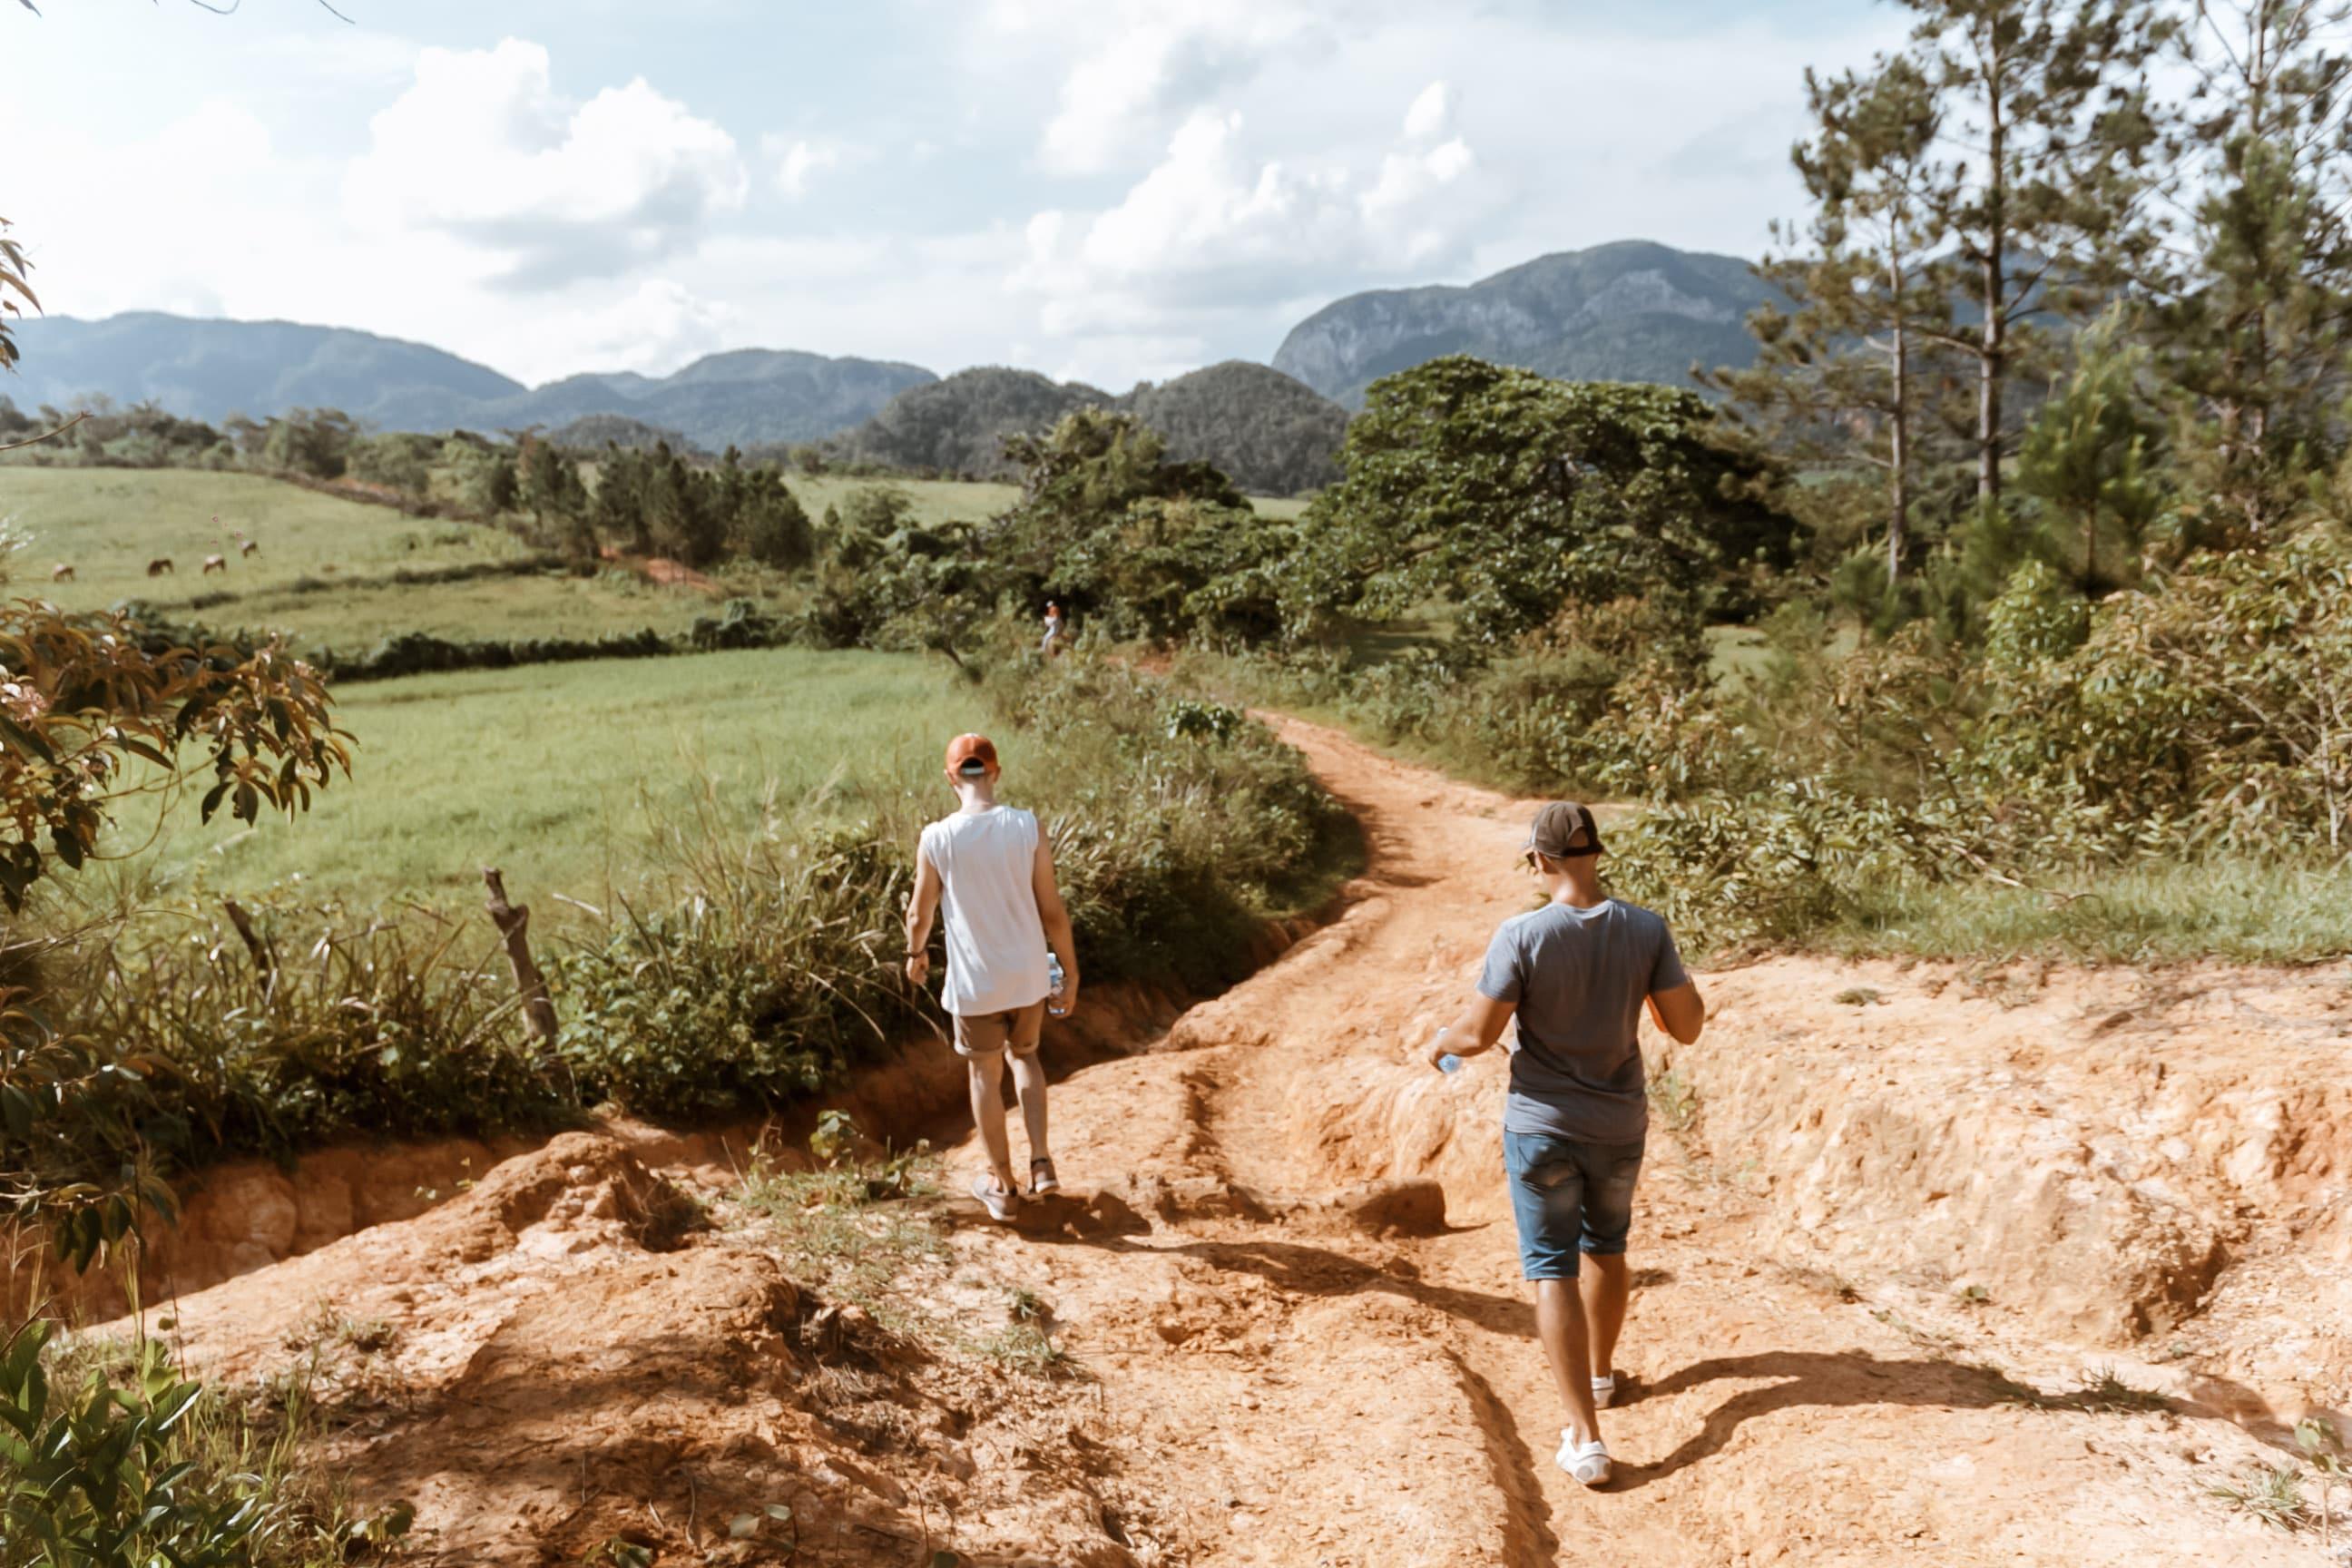 Zwei Reisende wandern durch kubanische Berge in Viñales